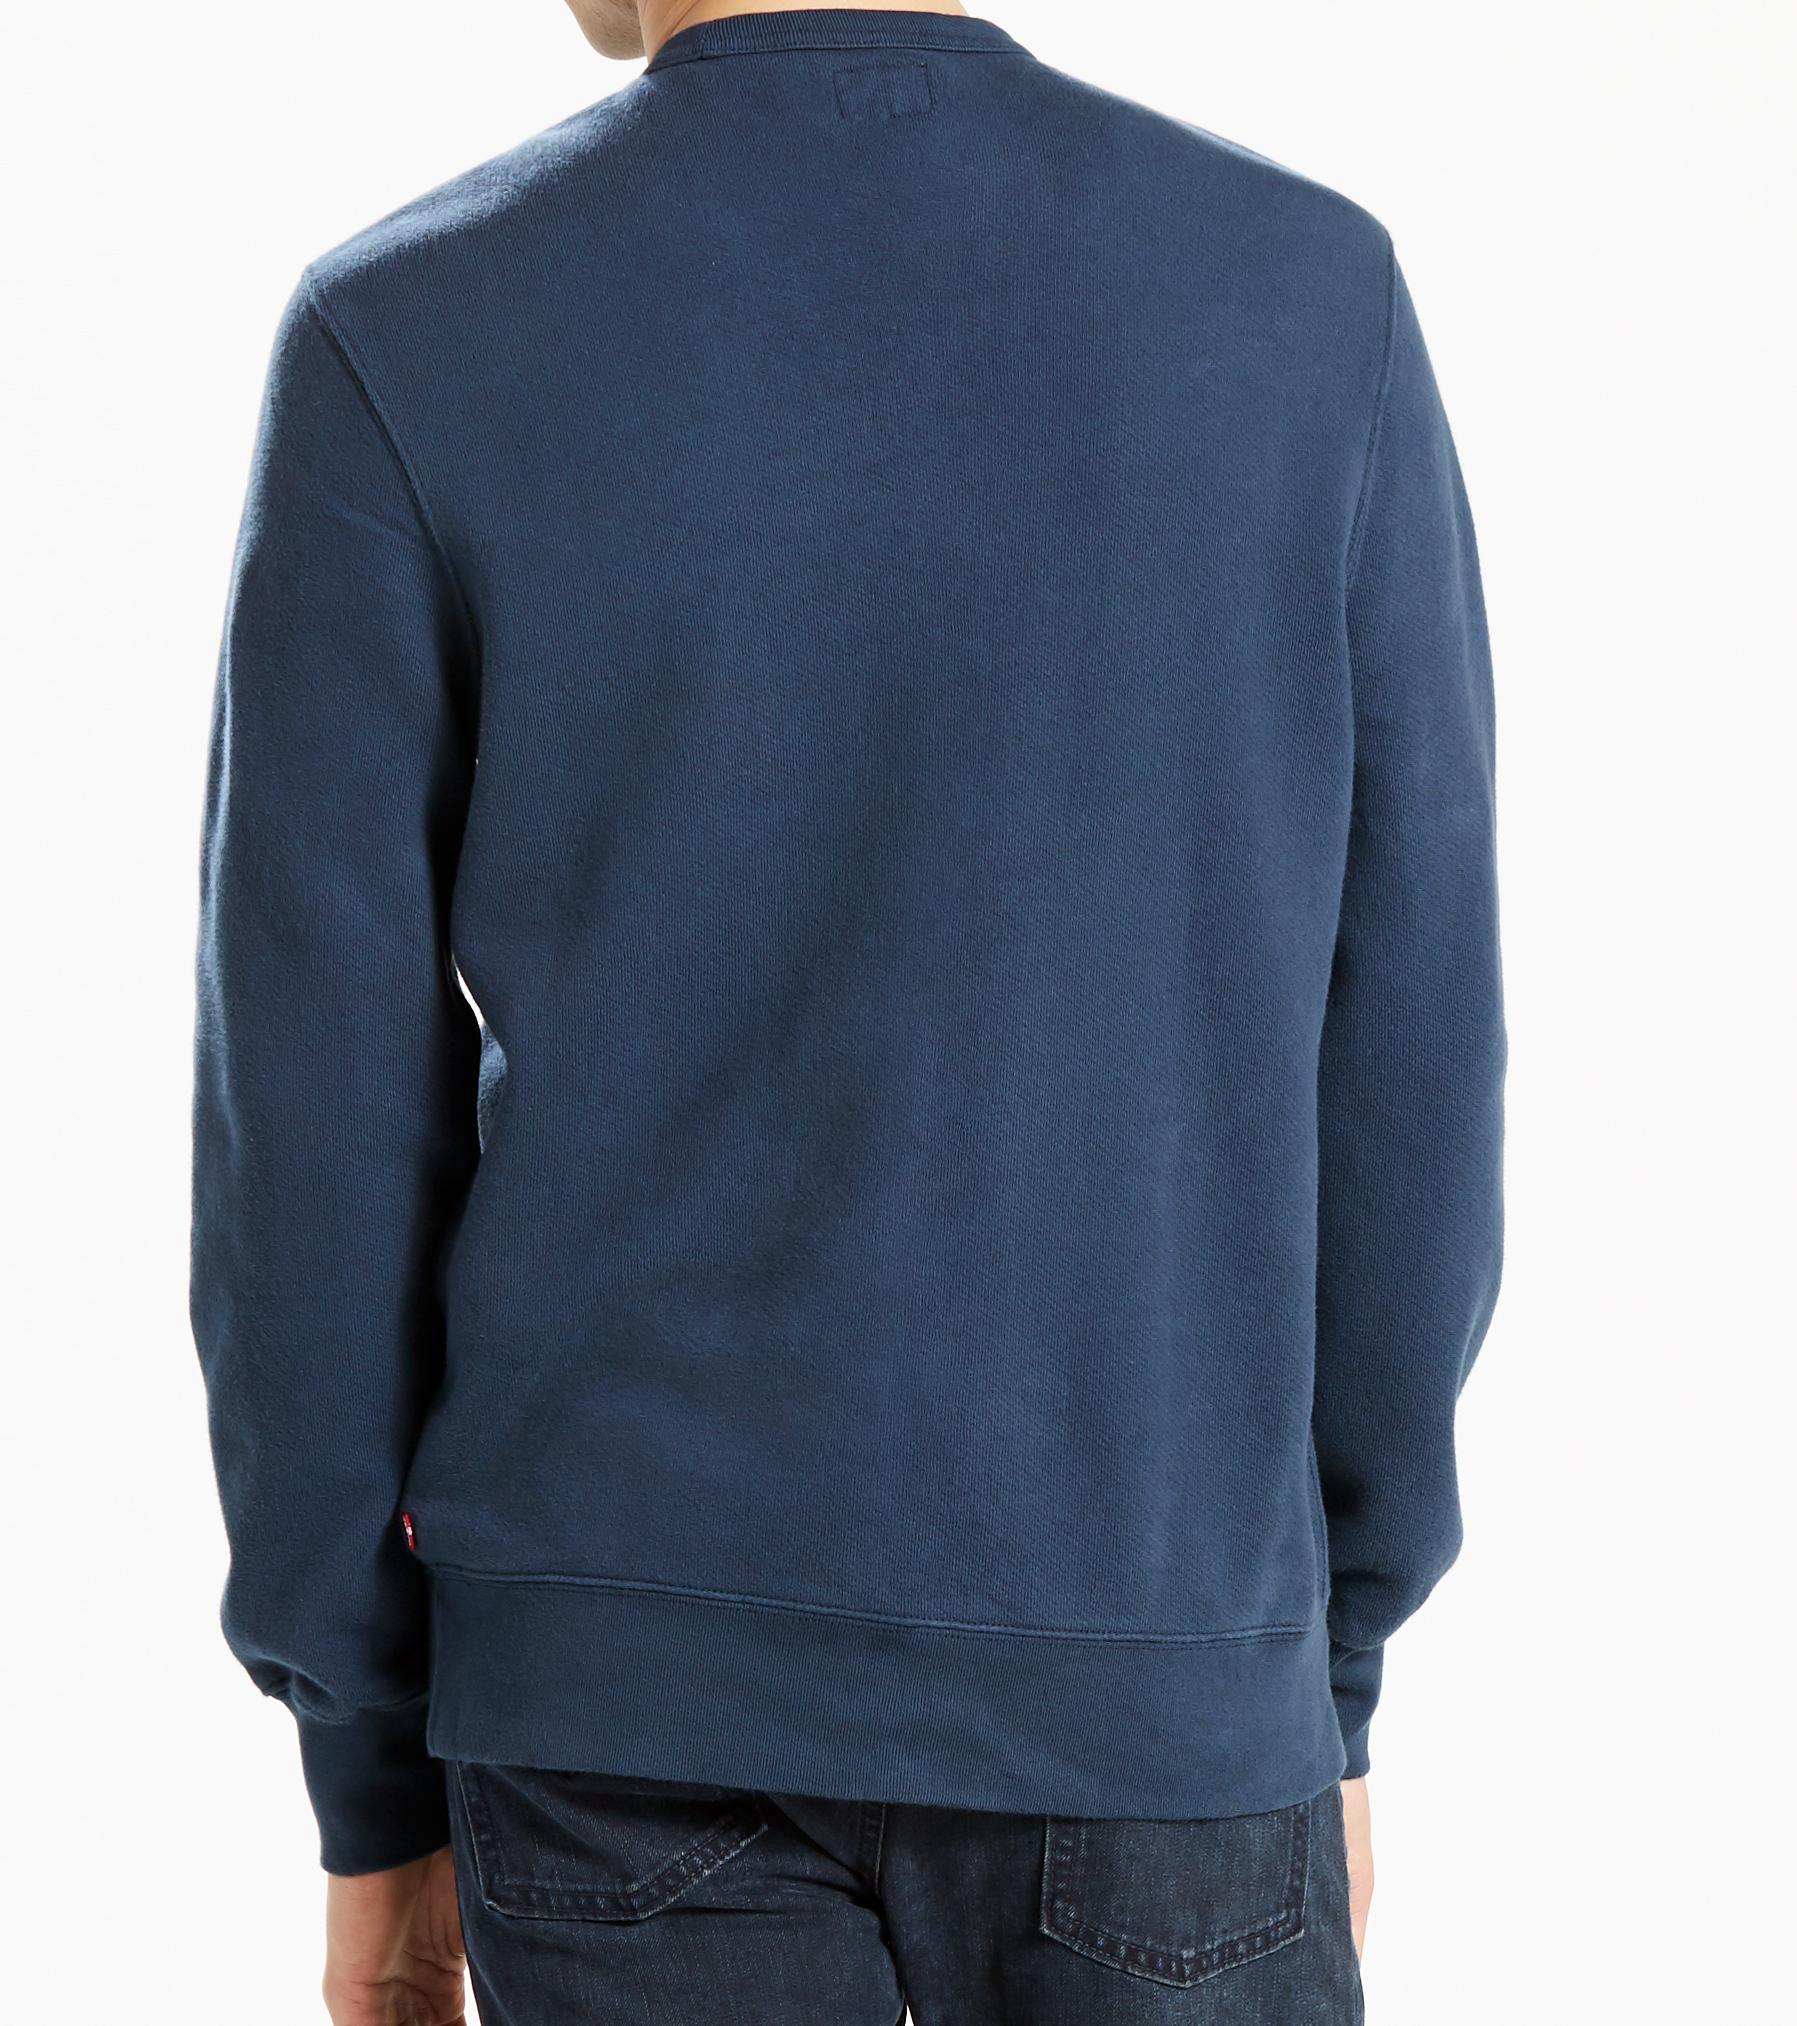 LEVIS Sweater Rundhals Pullover 17895-0029 navy W18-LVP1